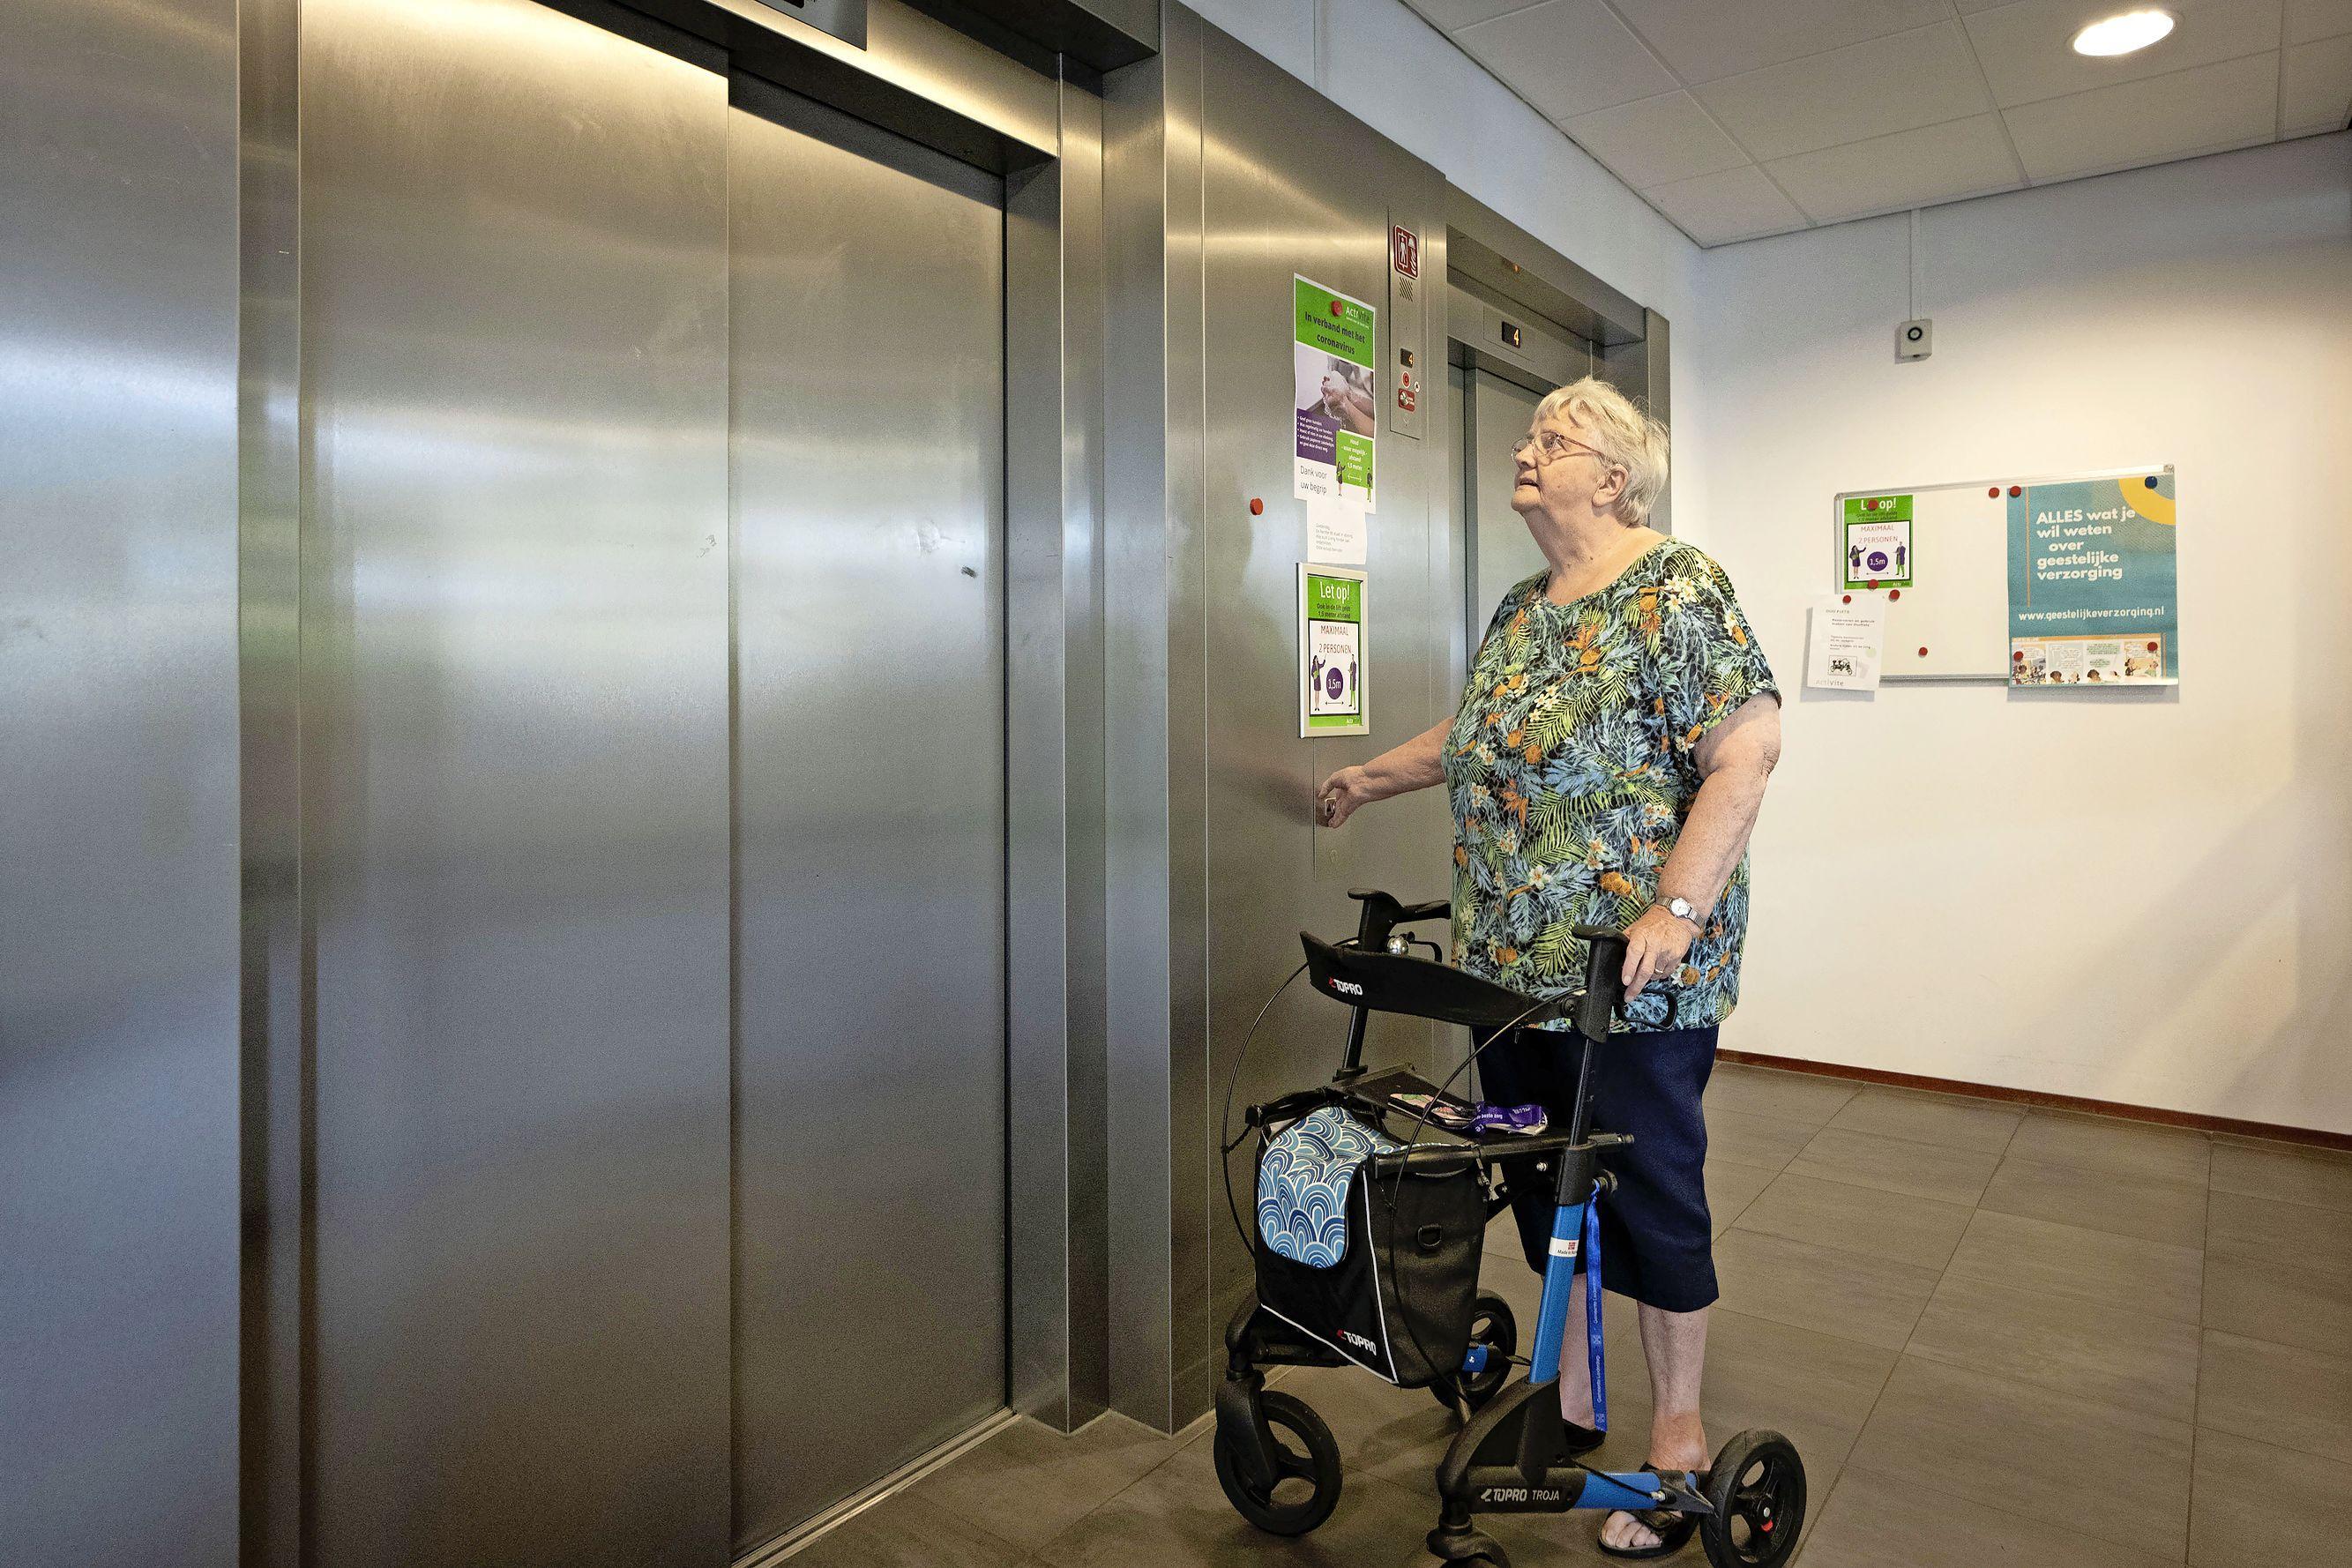 Het is weer mis met de liften in zorgcentrum Ommedijk in Leiderdorp: 'Een ramp'